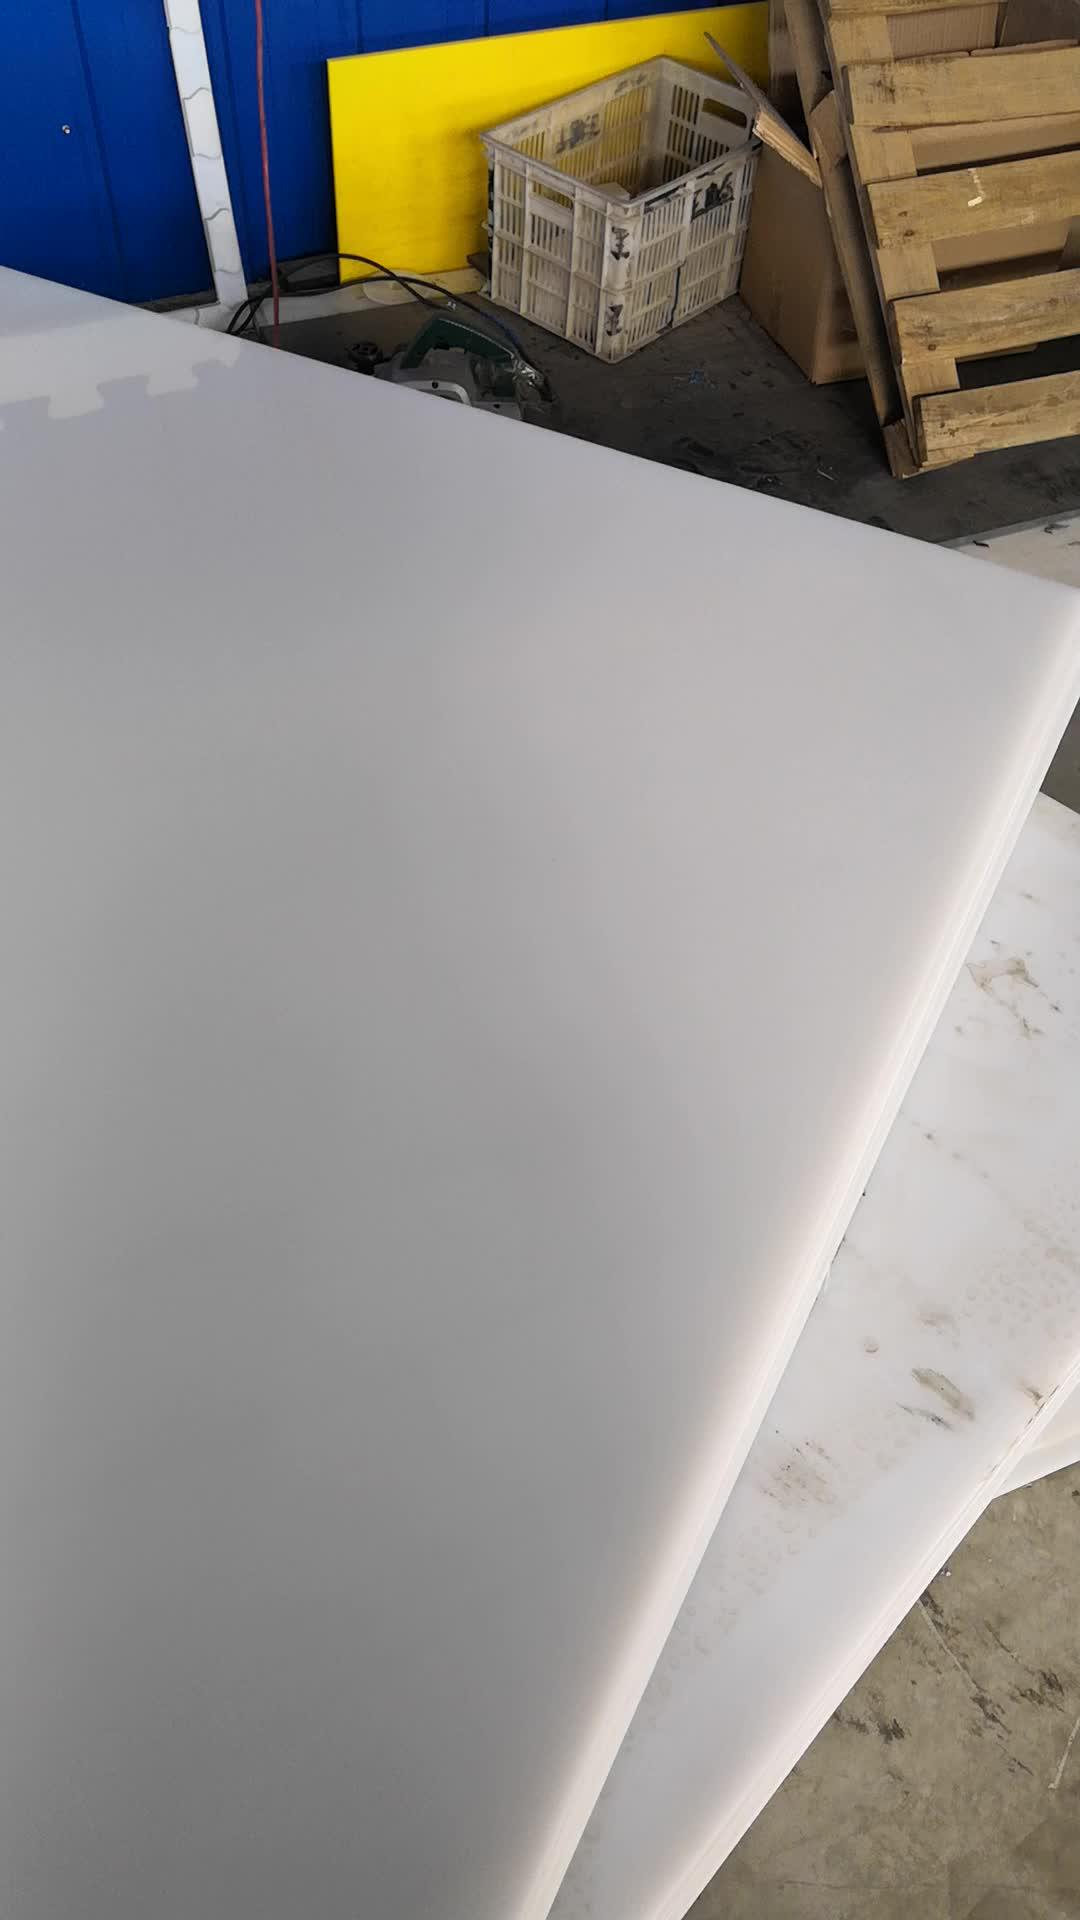 Hoge kwaliteit plastic techniek mould drukken/extrusie sheet UHMWPE product vel